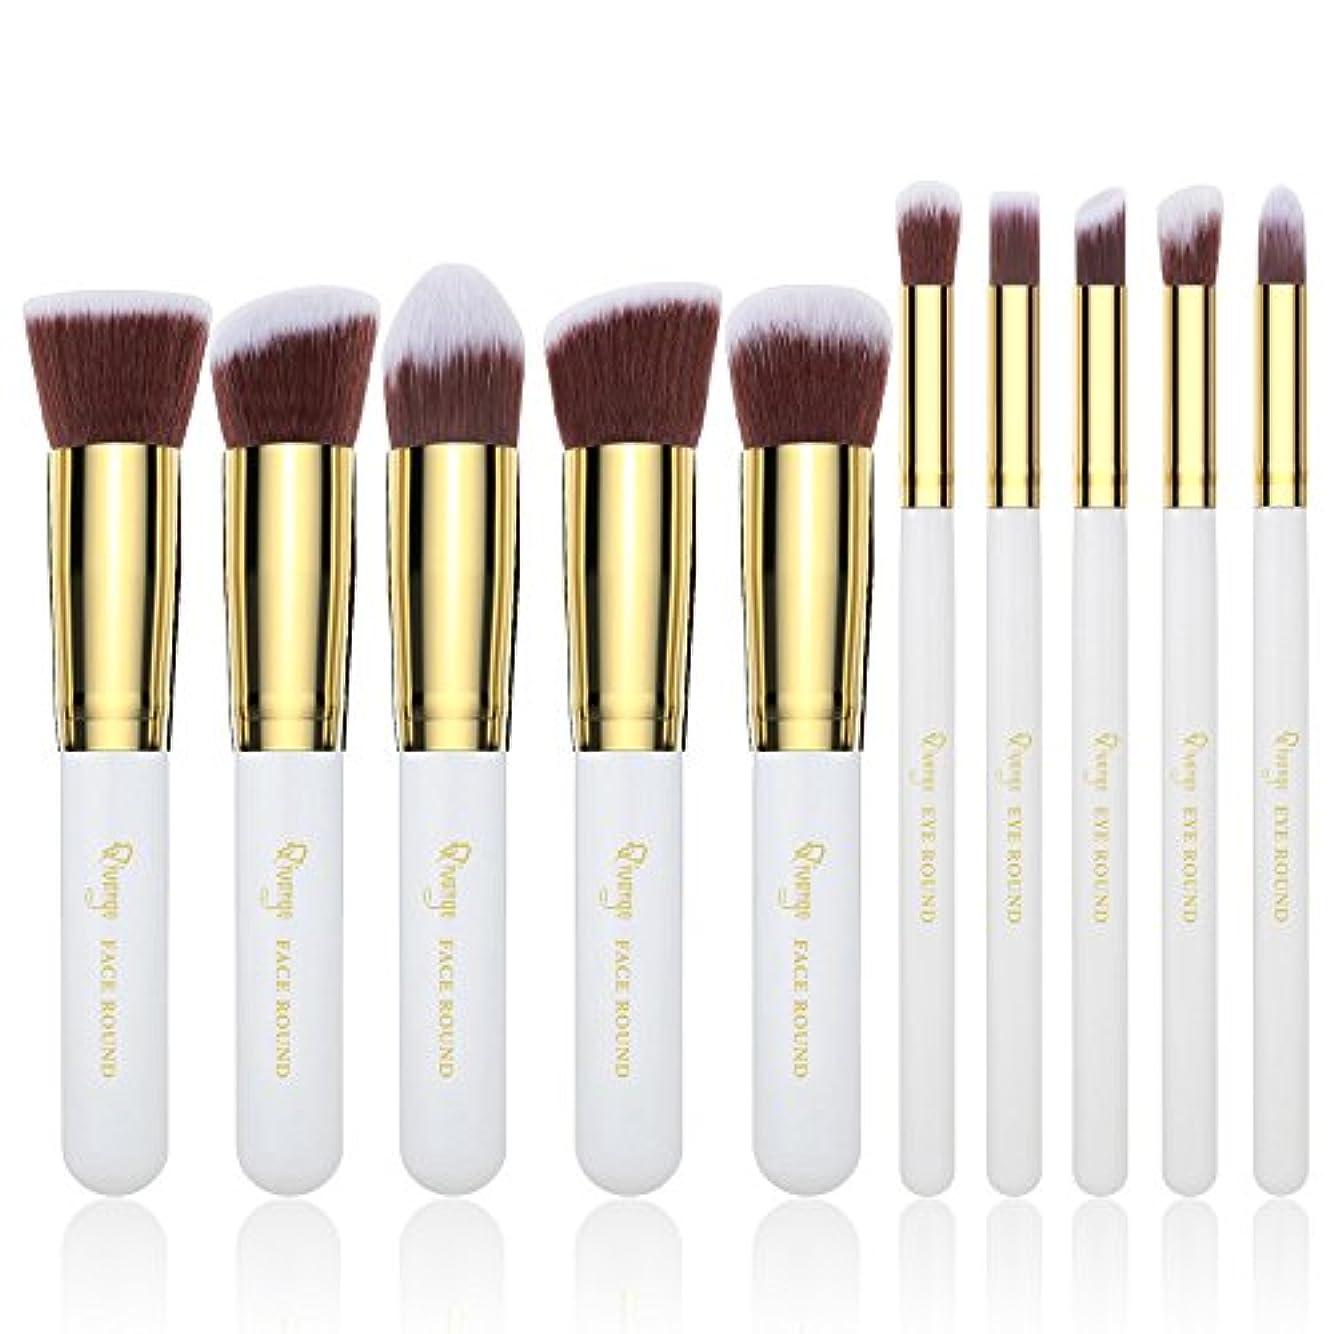 素人プレゼントパノラマQivange化粧筆 メイクアップブラシ 10本 高級繊維 基本的なメイクブラシセット 肌触り気持ちいい(ホワイト+ゴールド) …